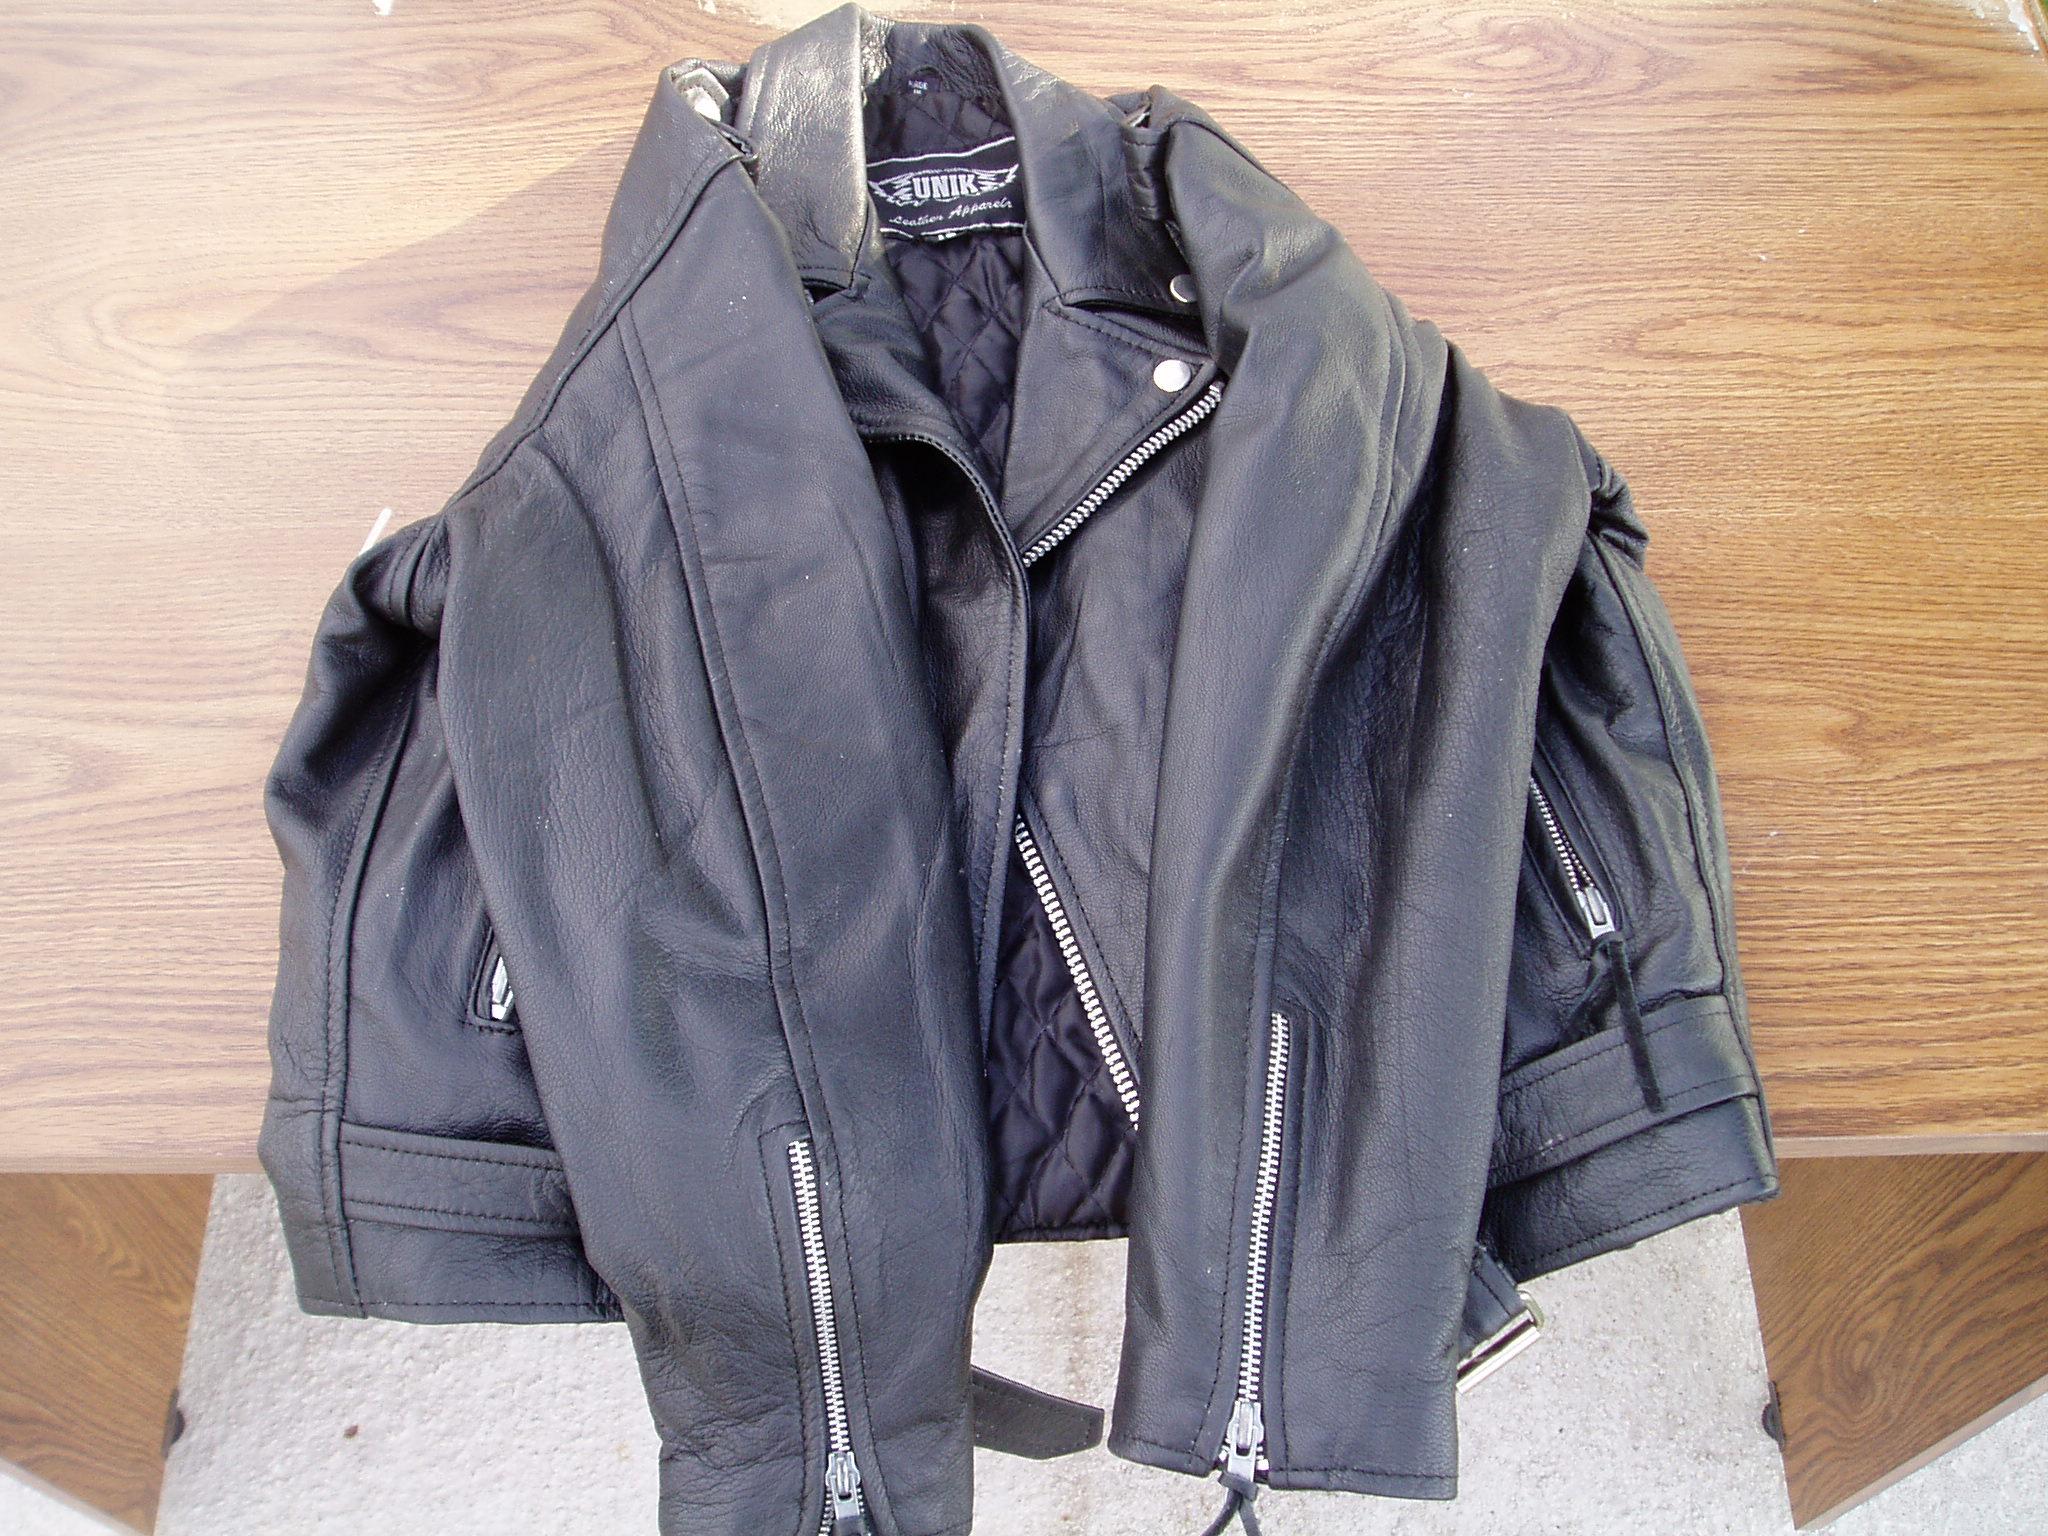 Kids Unik Leather Jacket - Harley Davidson Forums